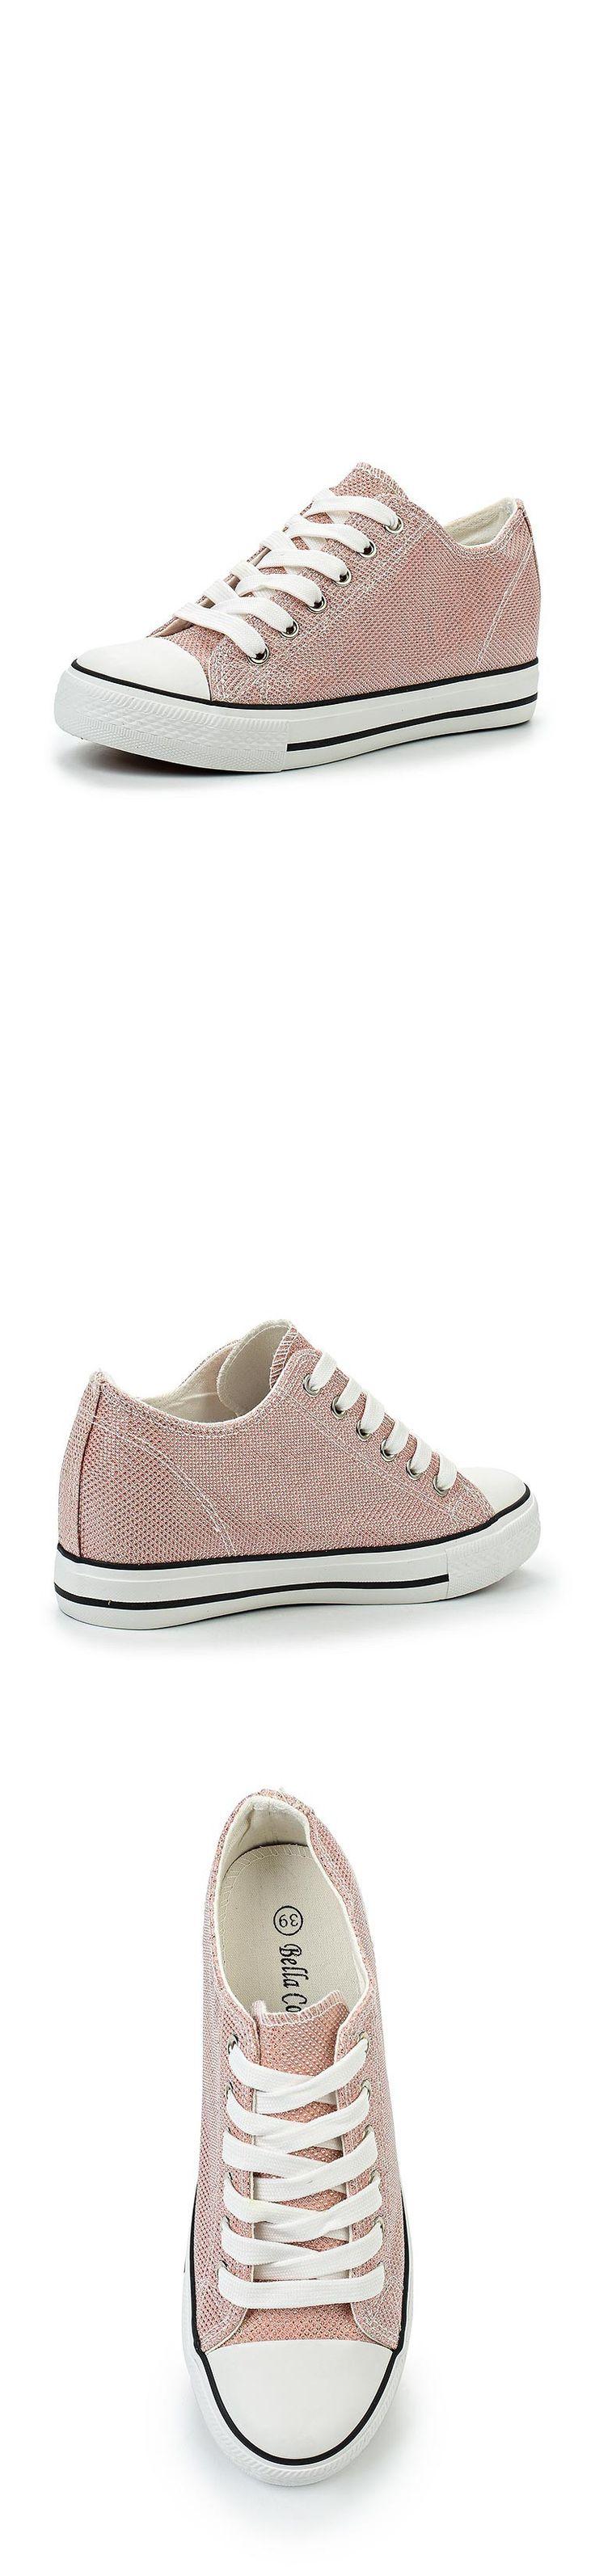 Женская обувь кеды Bella Comoda за 2699.00 руб.